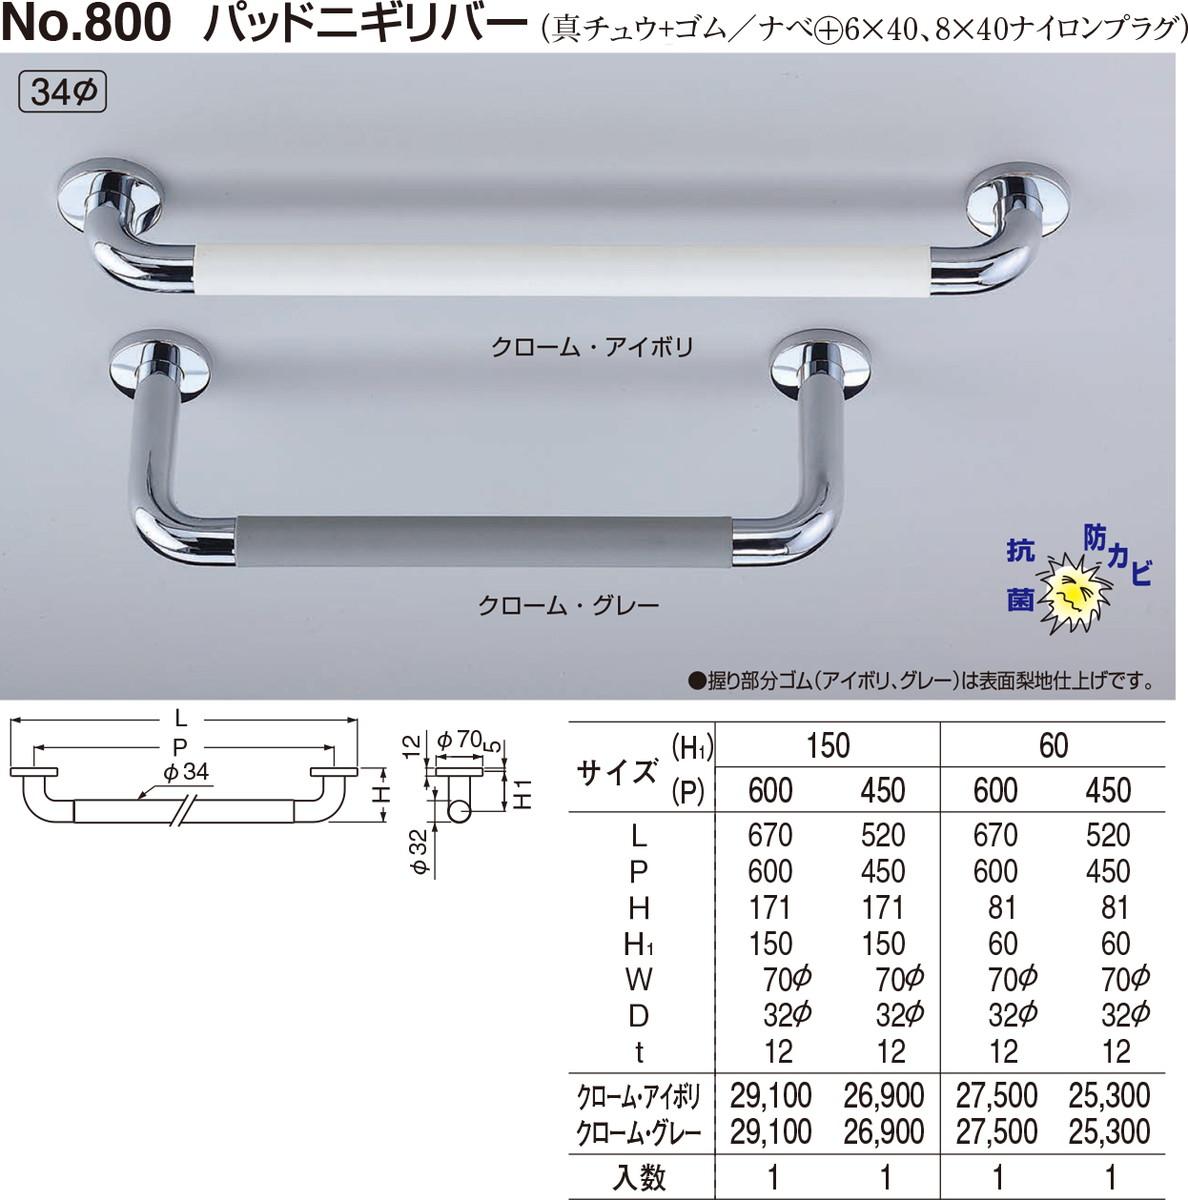 【シロクマ】パッド【H60】 No.800 450mm クローム/アイボリ